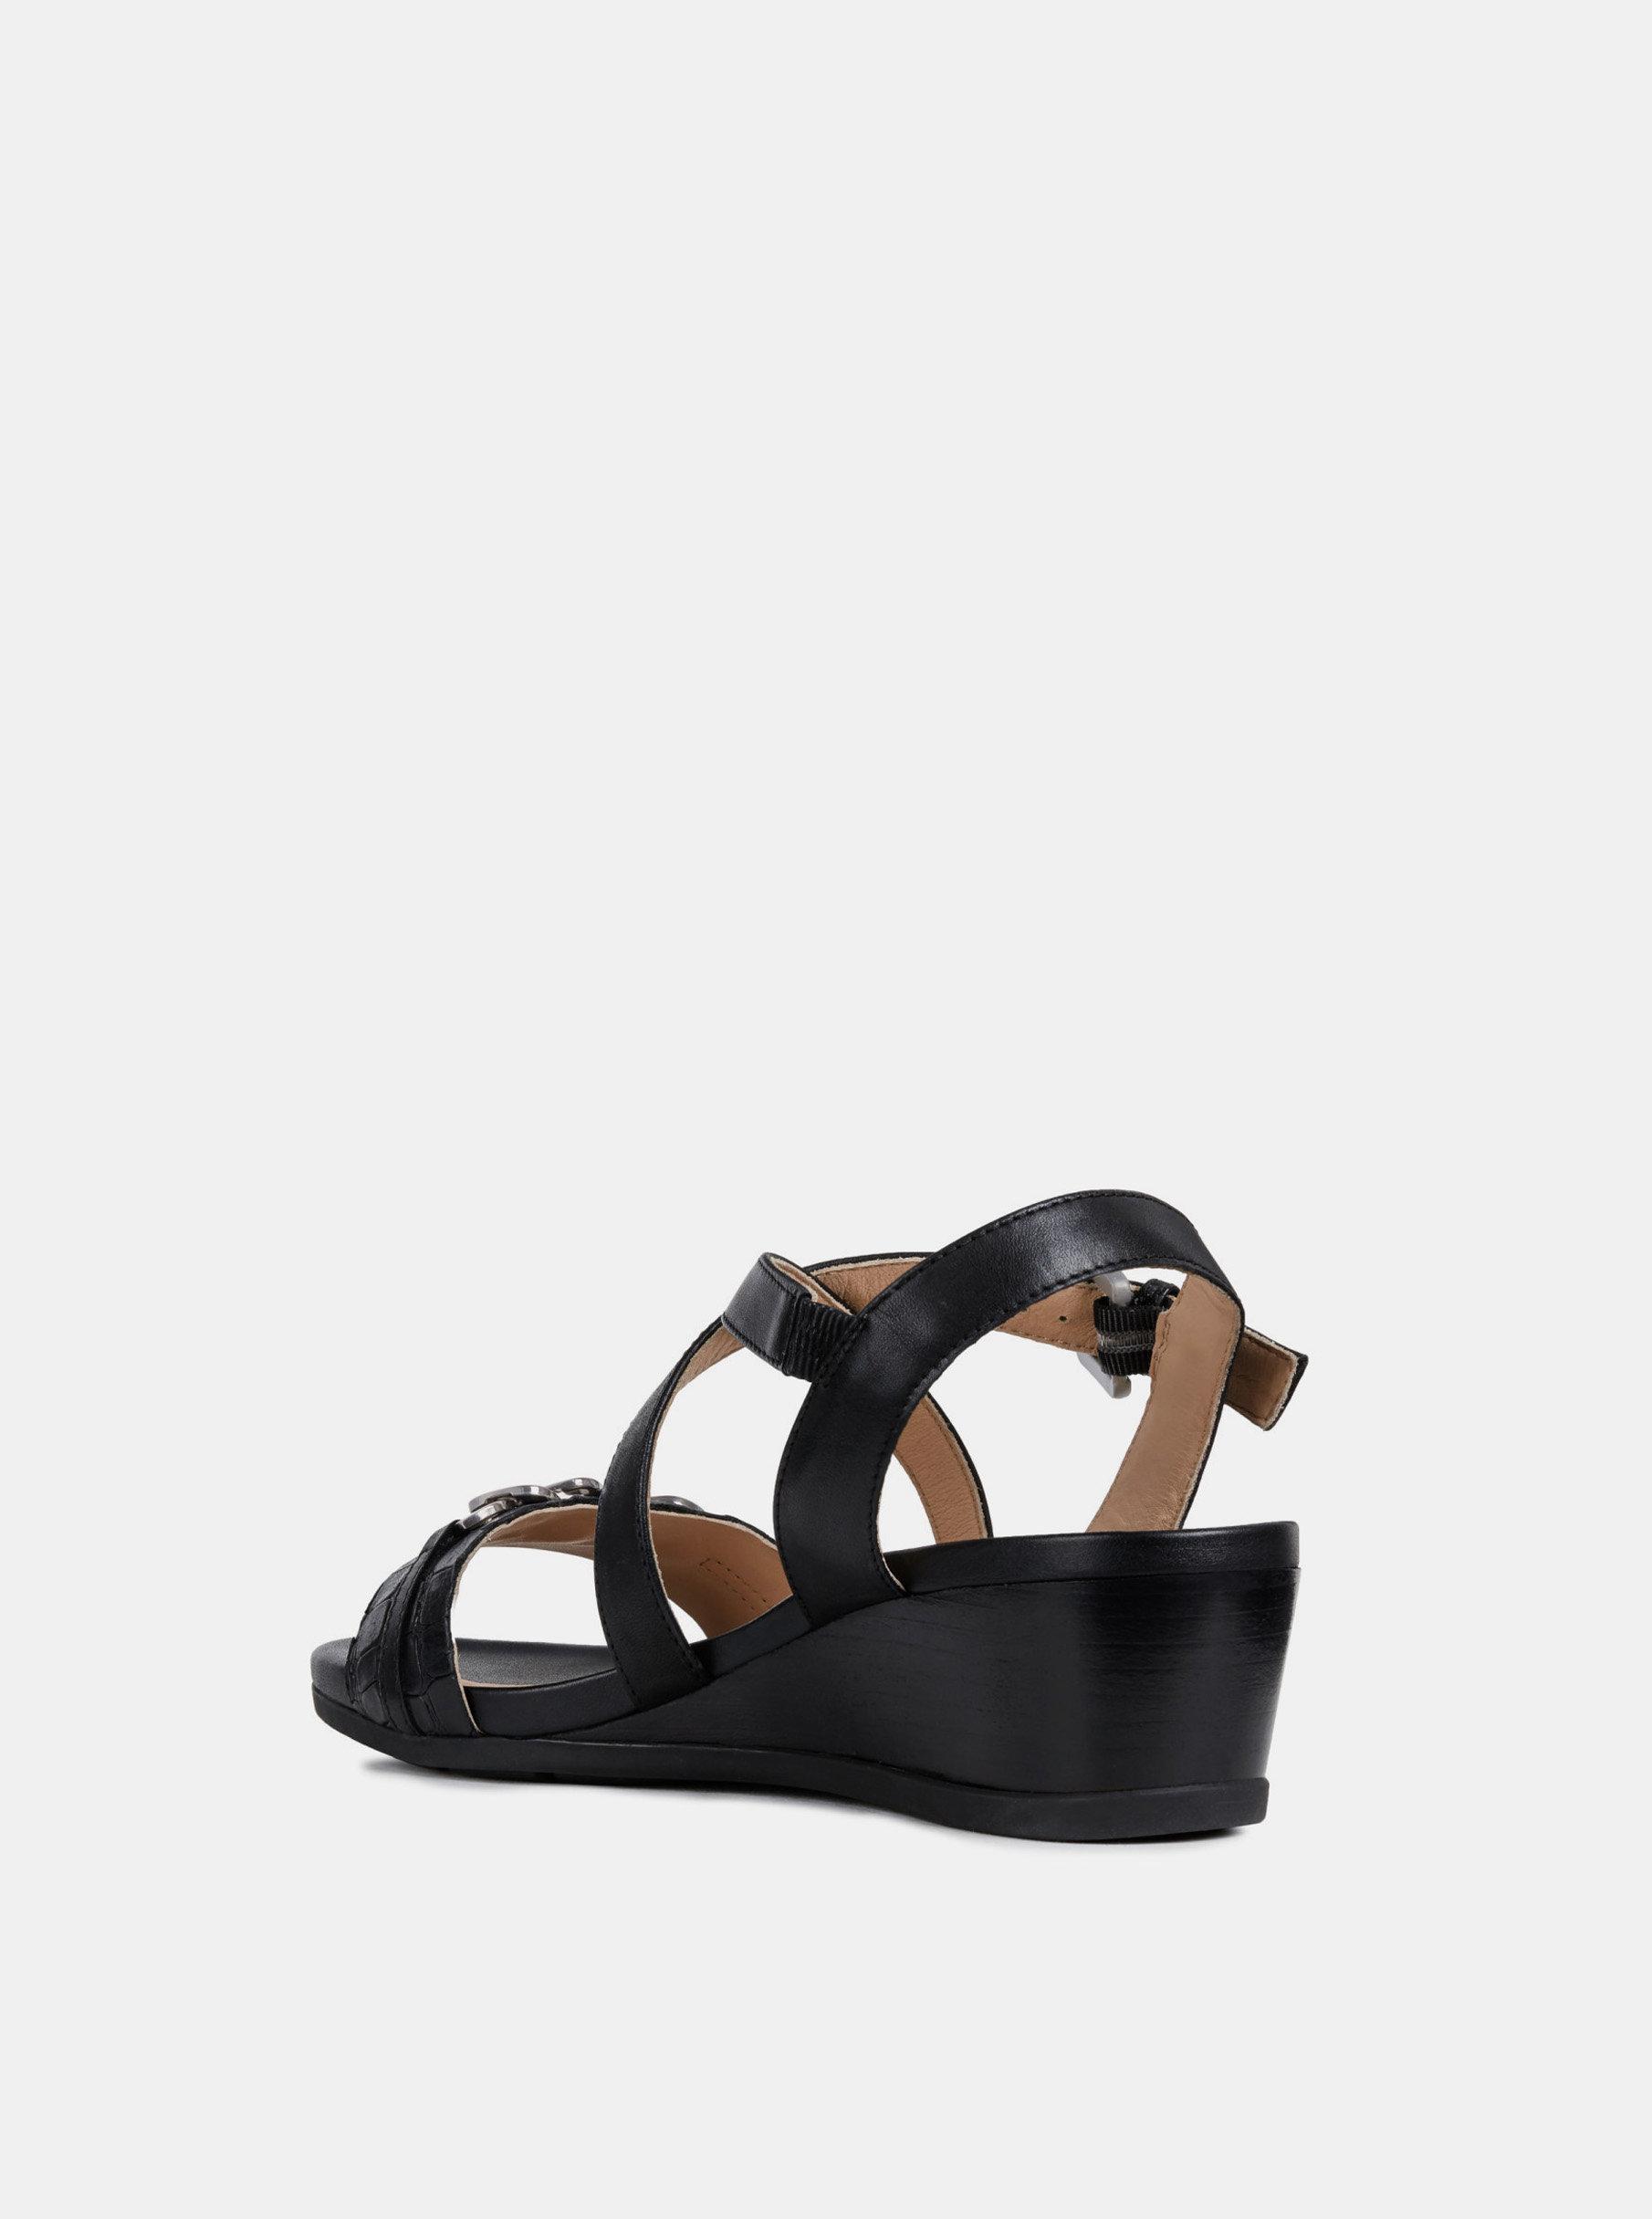 43c2fb40e Čierne dámske kožené sandále na plnom podpätku Geox Mary Karmen ...